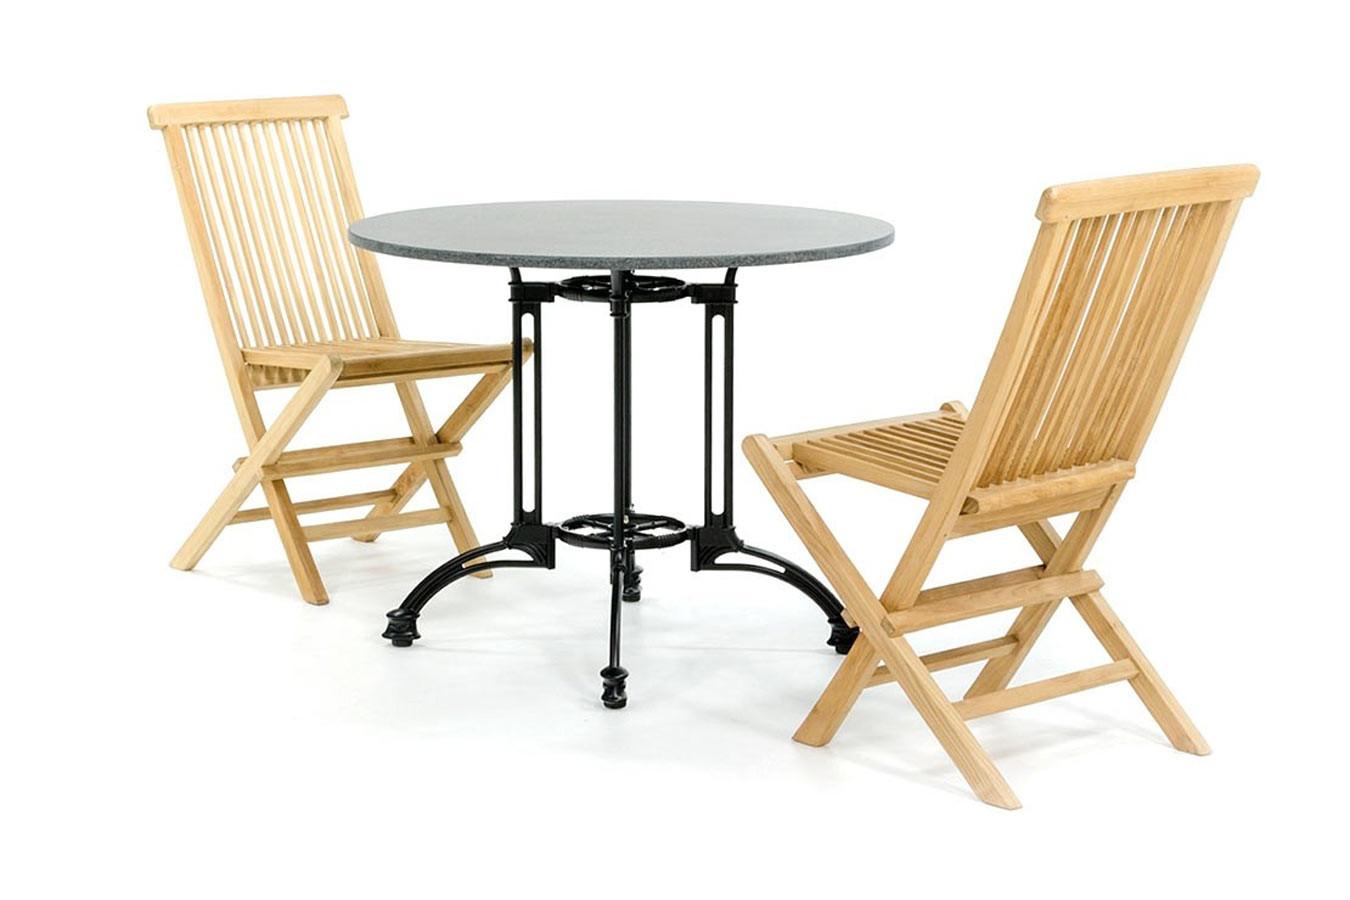 Granieten bistroset met houten stoelen